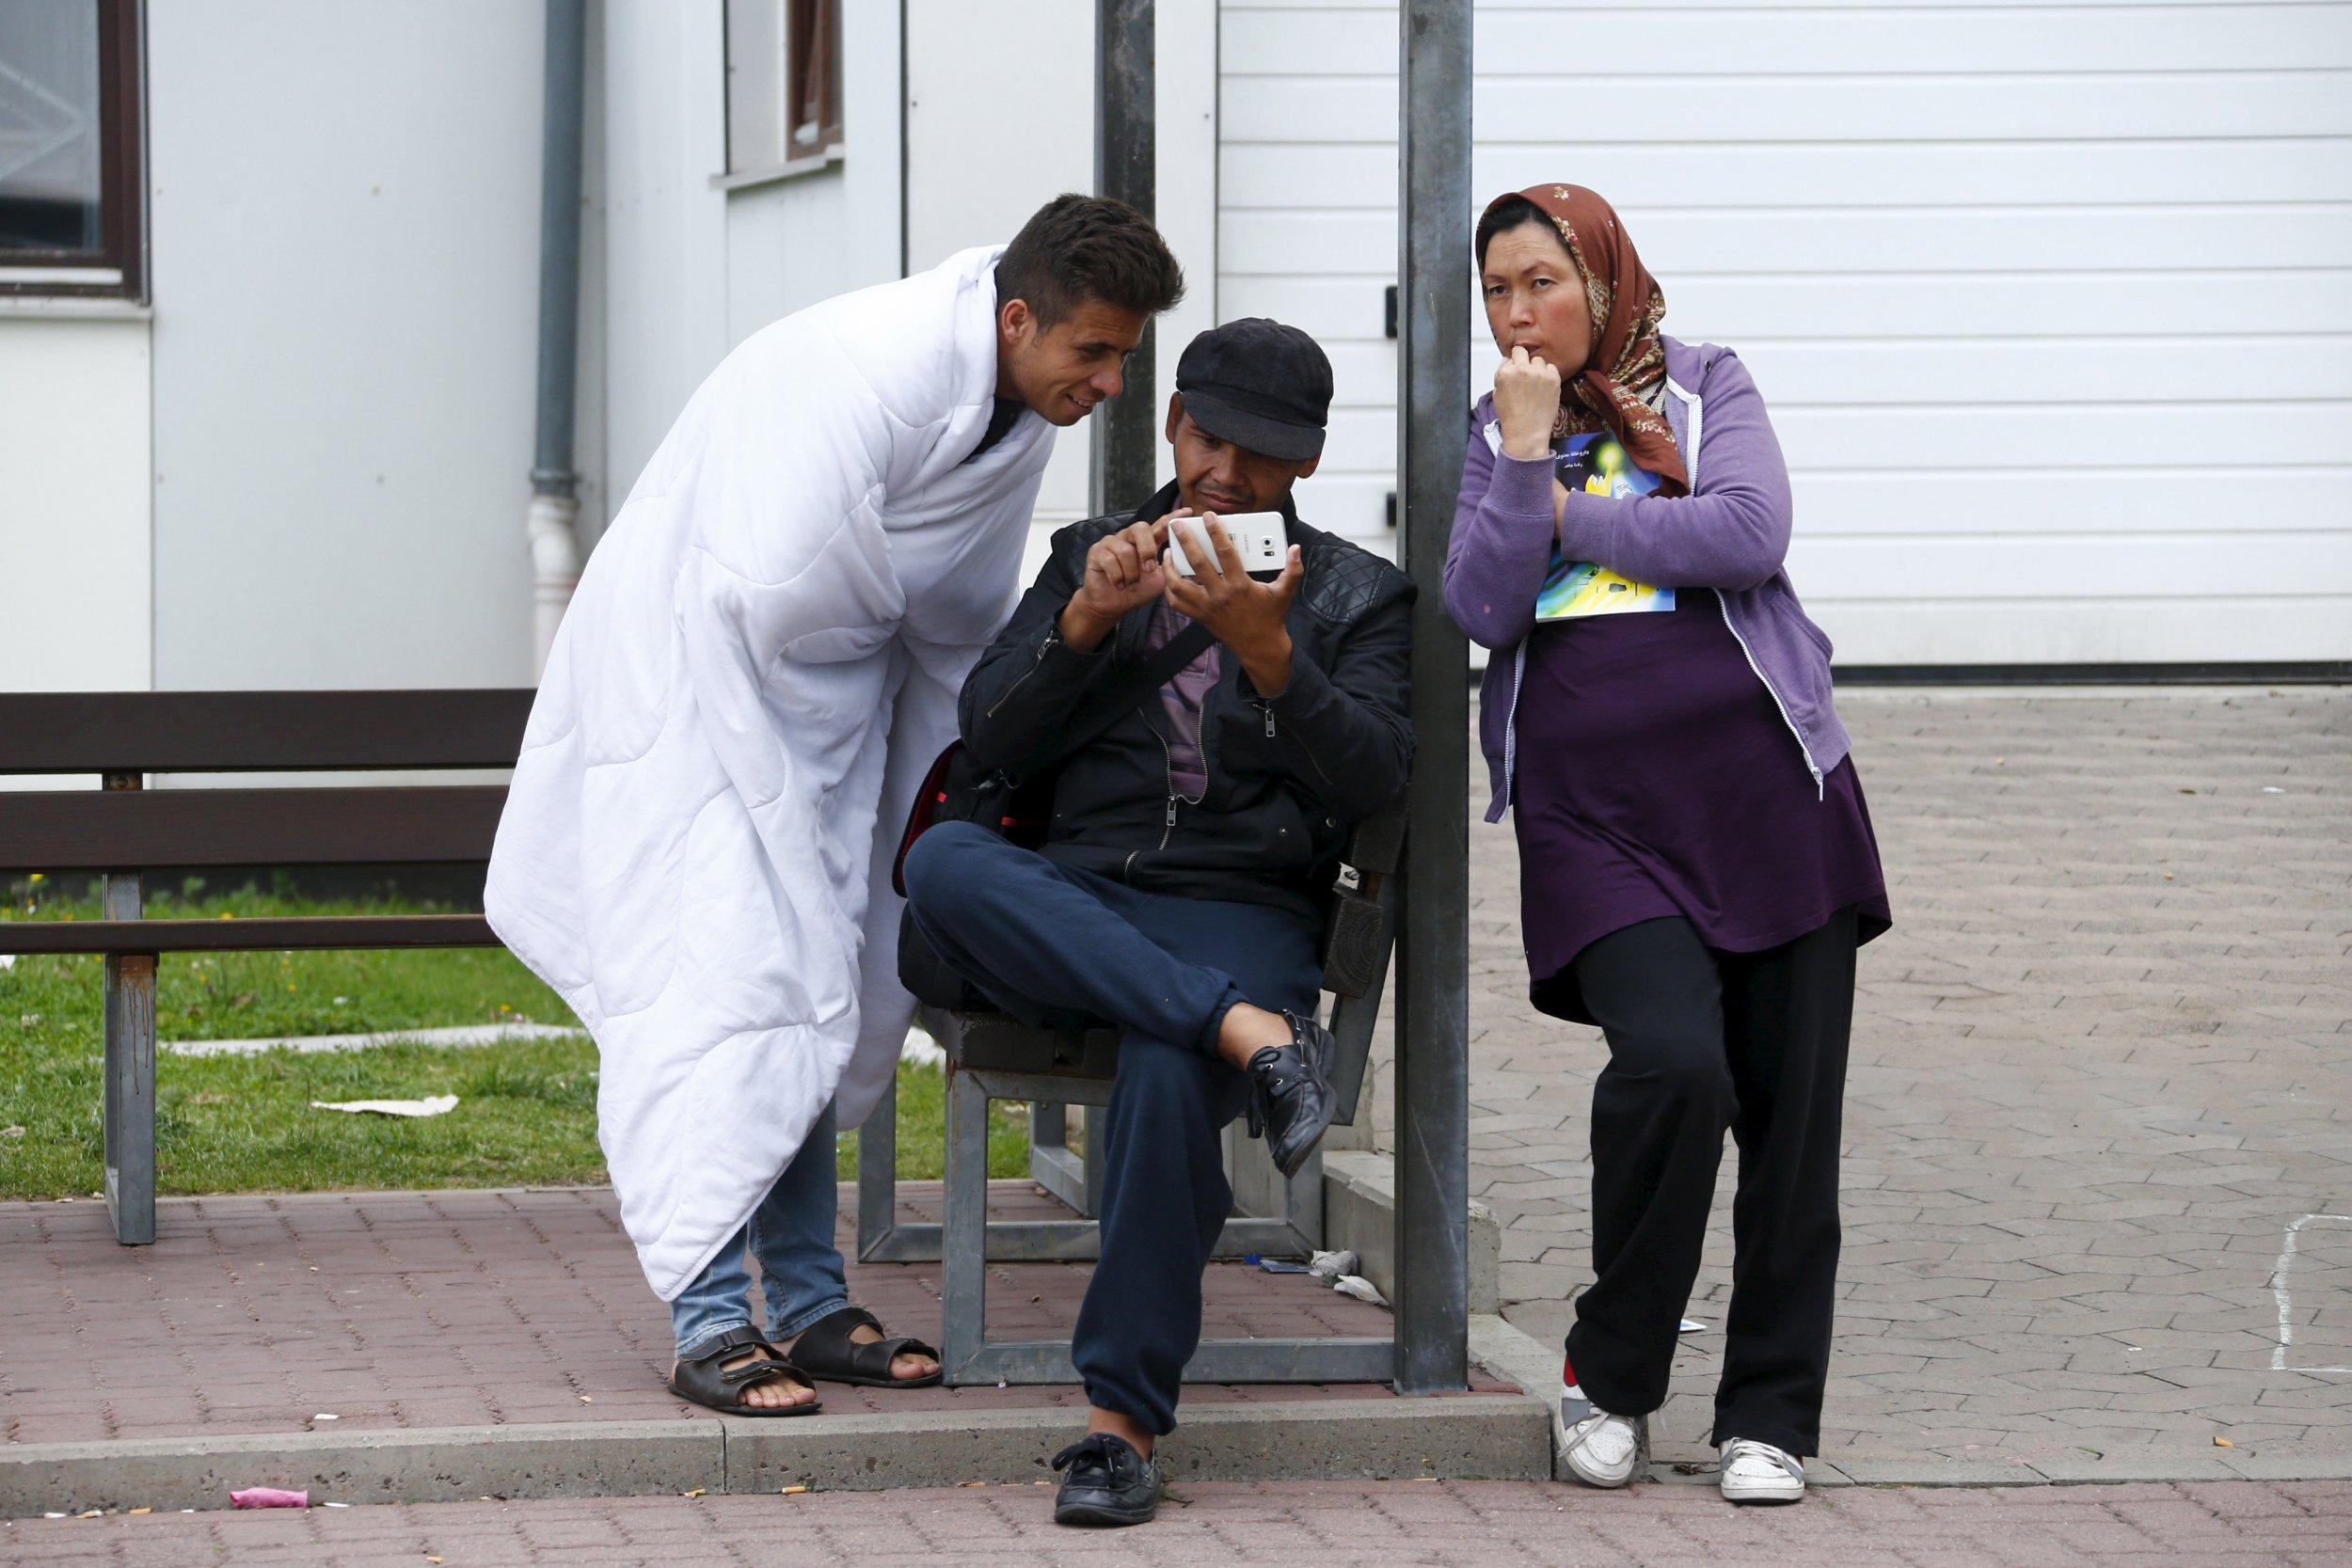 refugee smartphone app ankommen germany